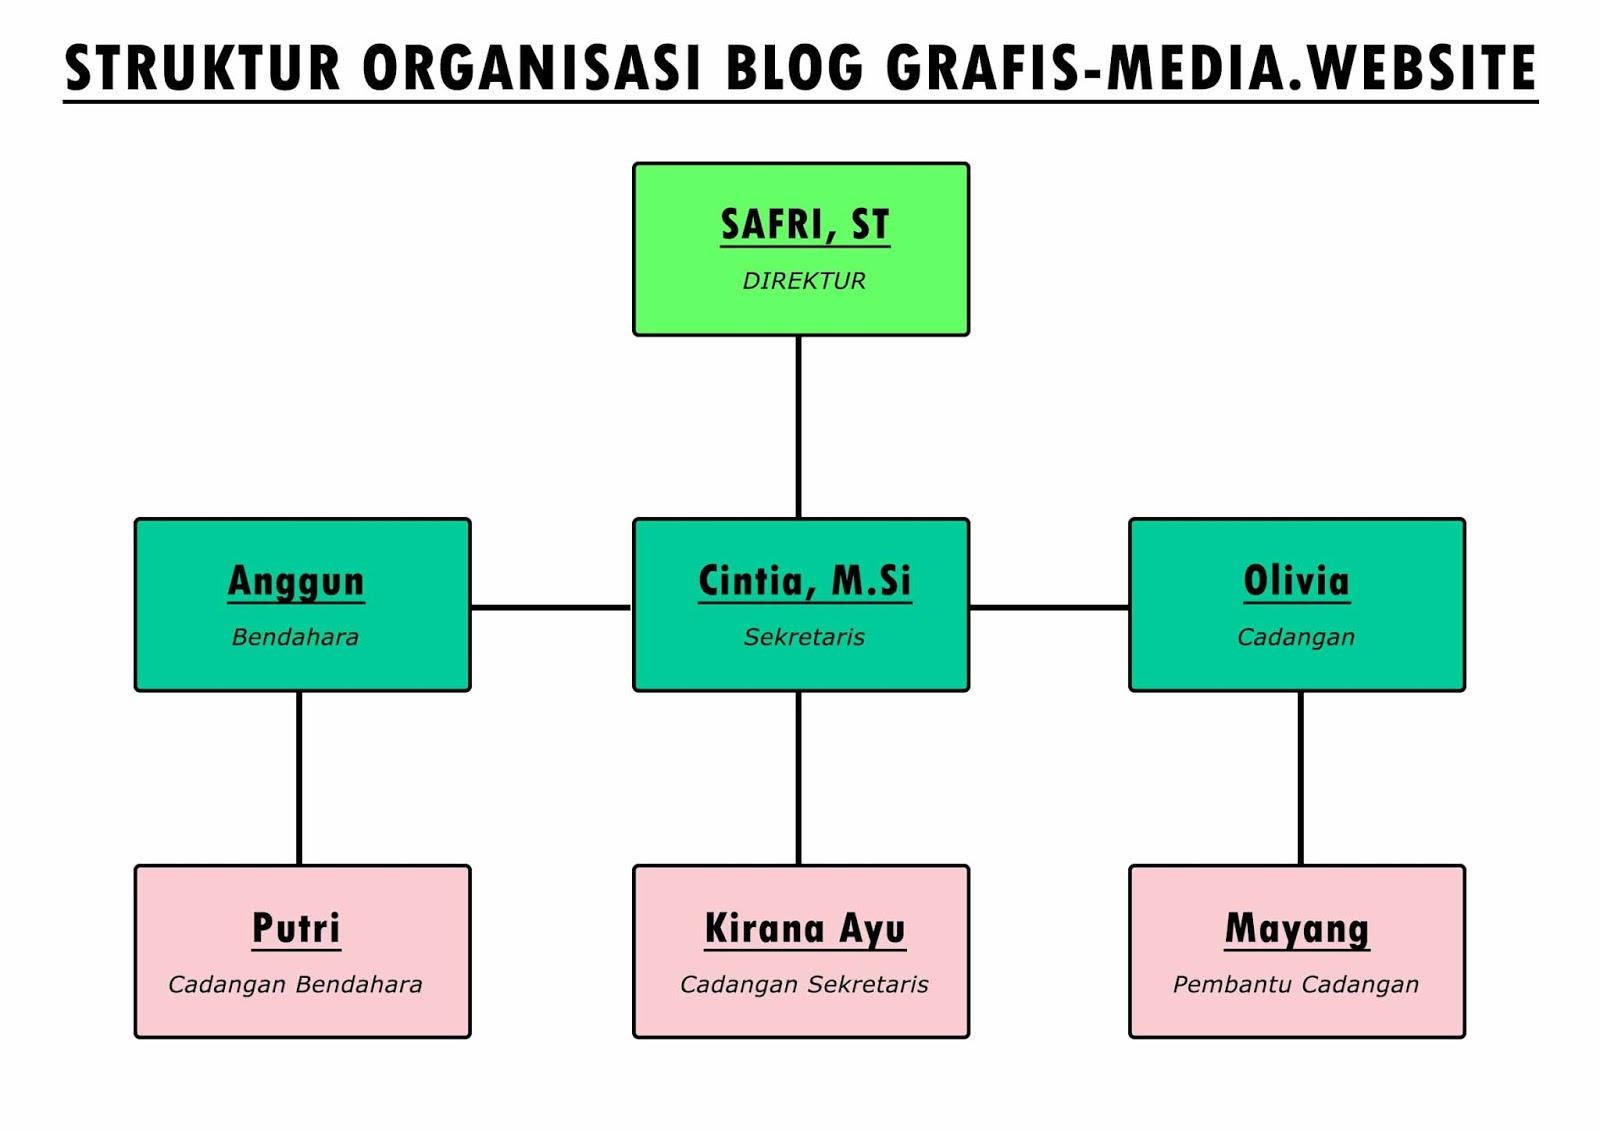 Cara Membuat Bagan Struktur Organisasi di Photoshop